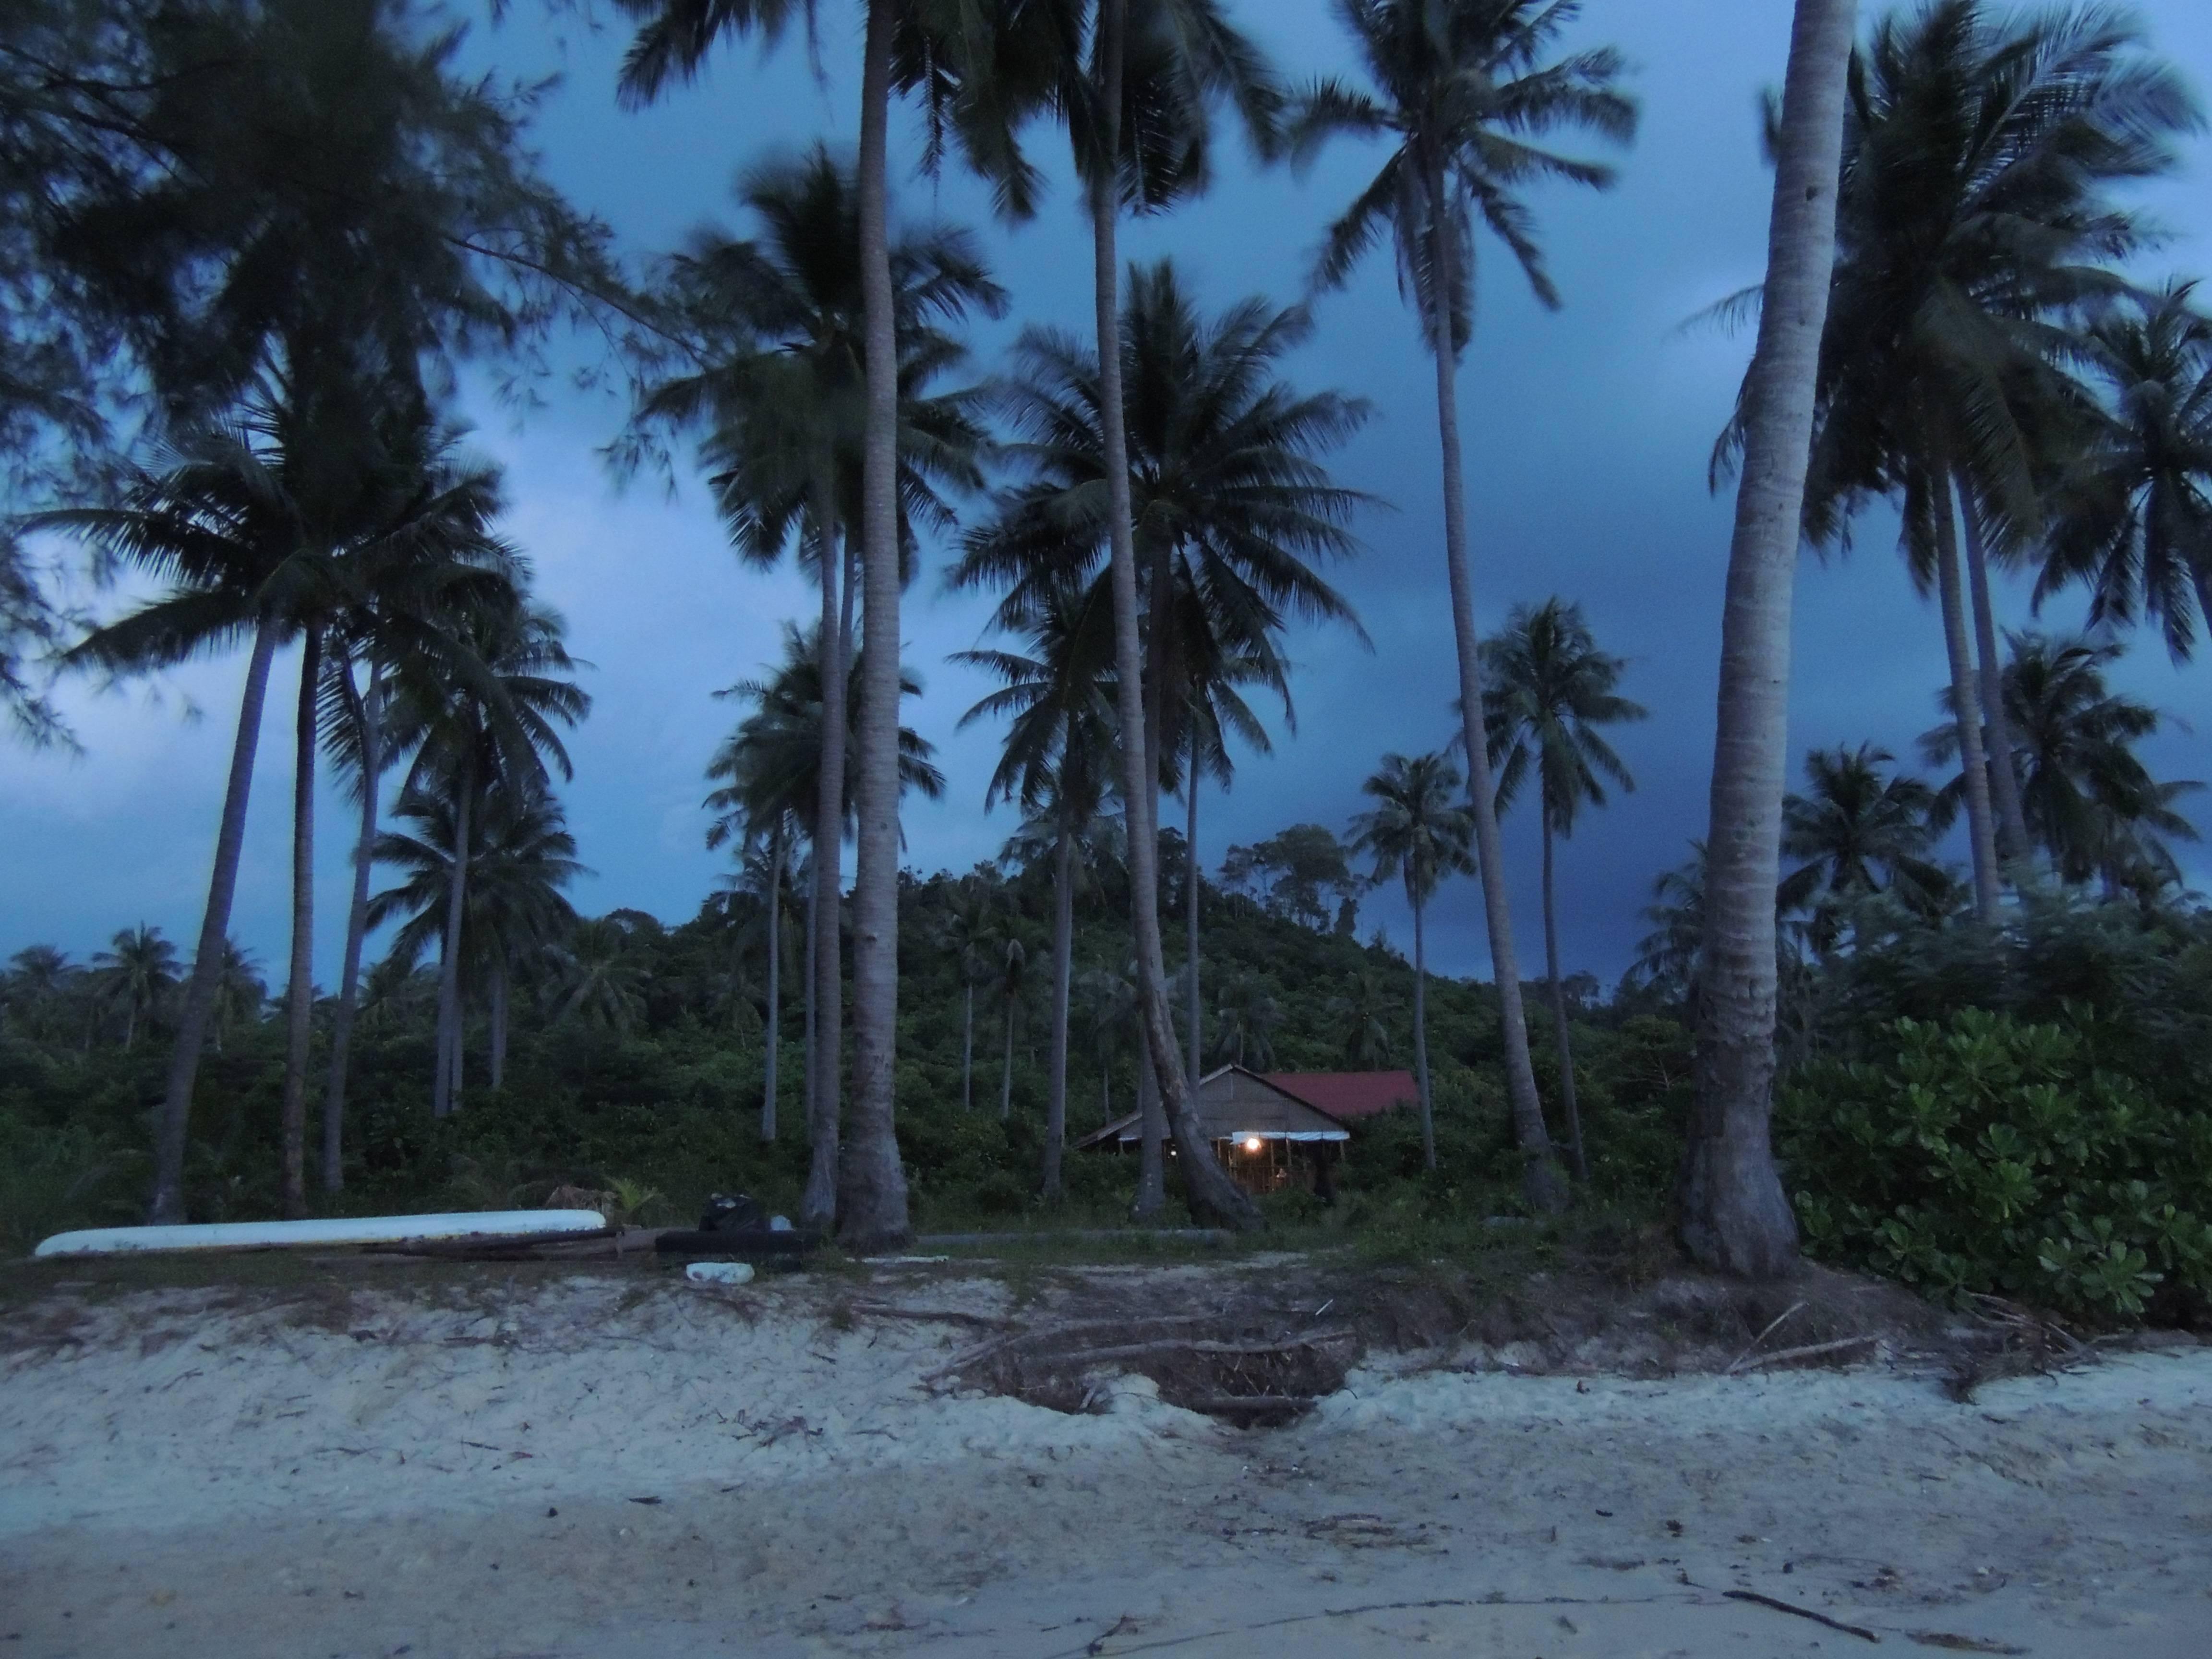 Photo 2: Koh Rong _ L'ile paradisiaque qui vous envoie en marge du monde entier